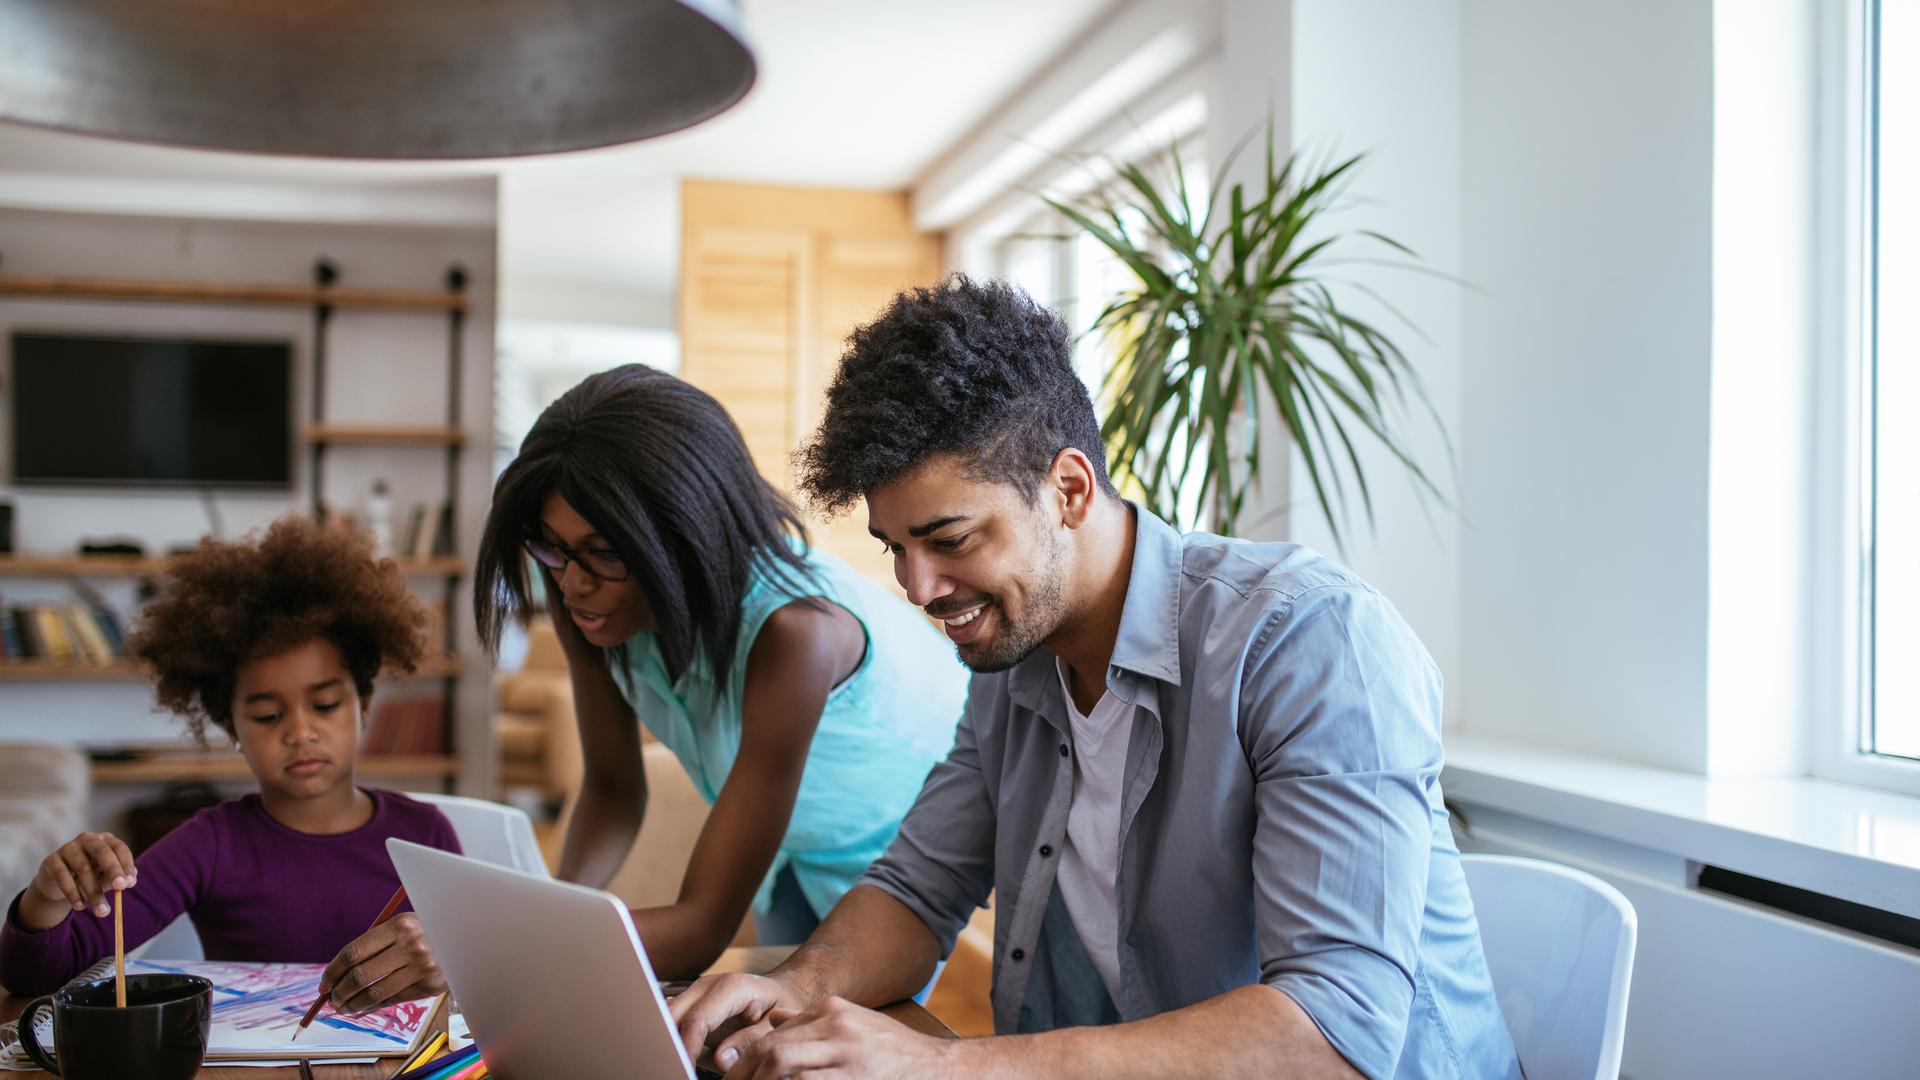 Temps de travail, salaire, perte de travail, trop de travail…Comment faire?